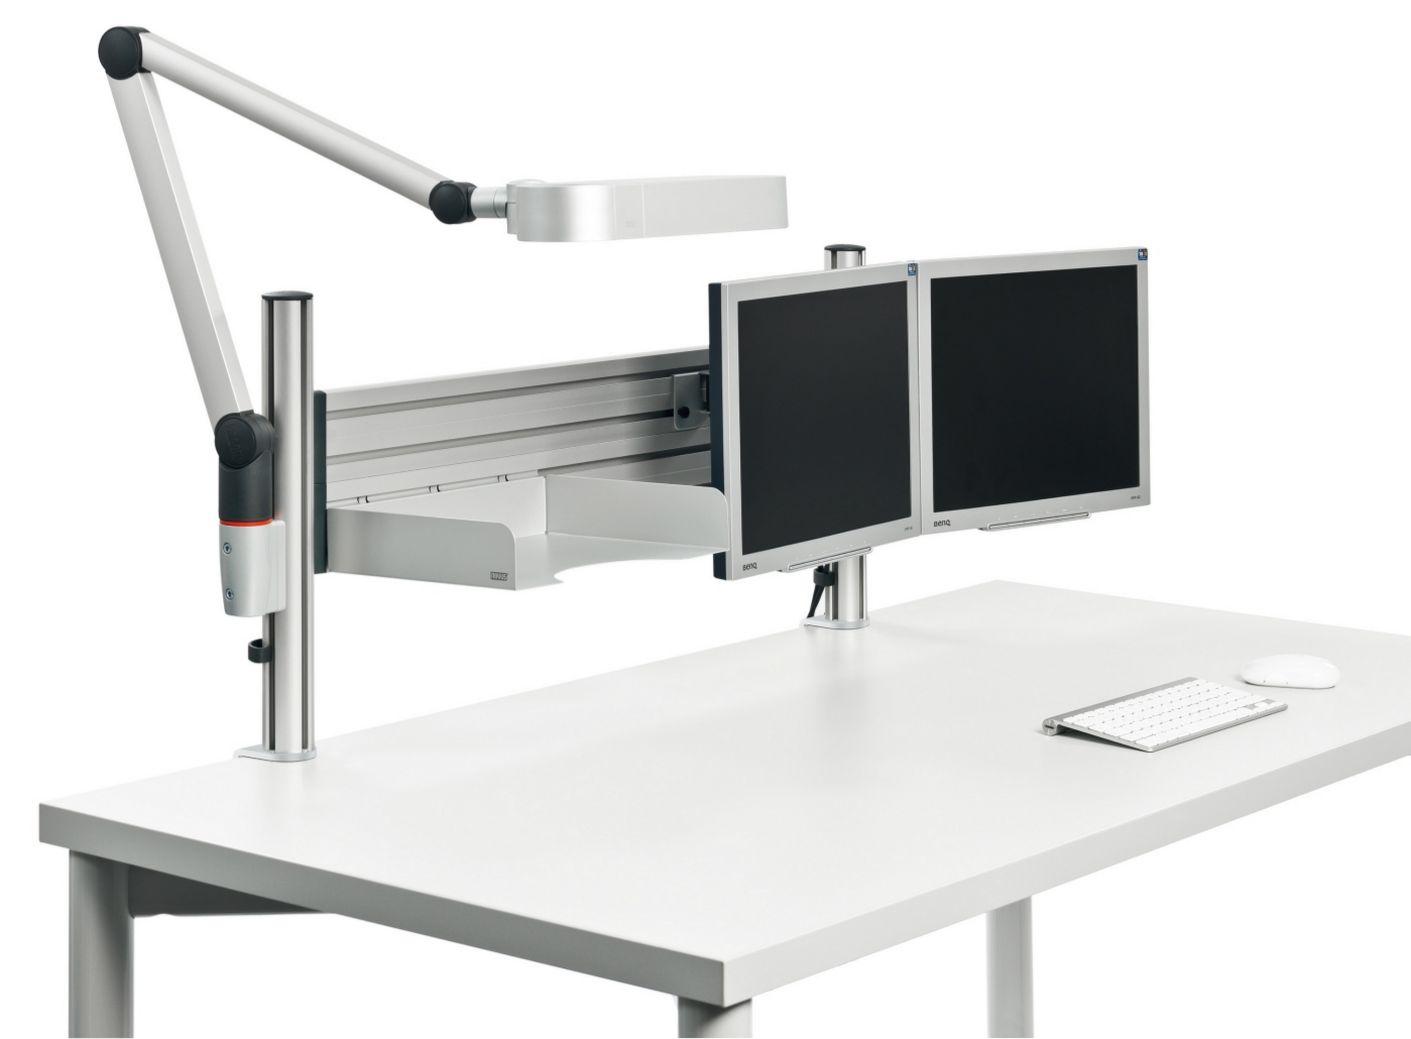 Tischhalterung 2 Monitore, Schreibtischlampe und Ablagefach